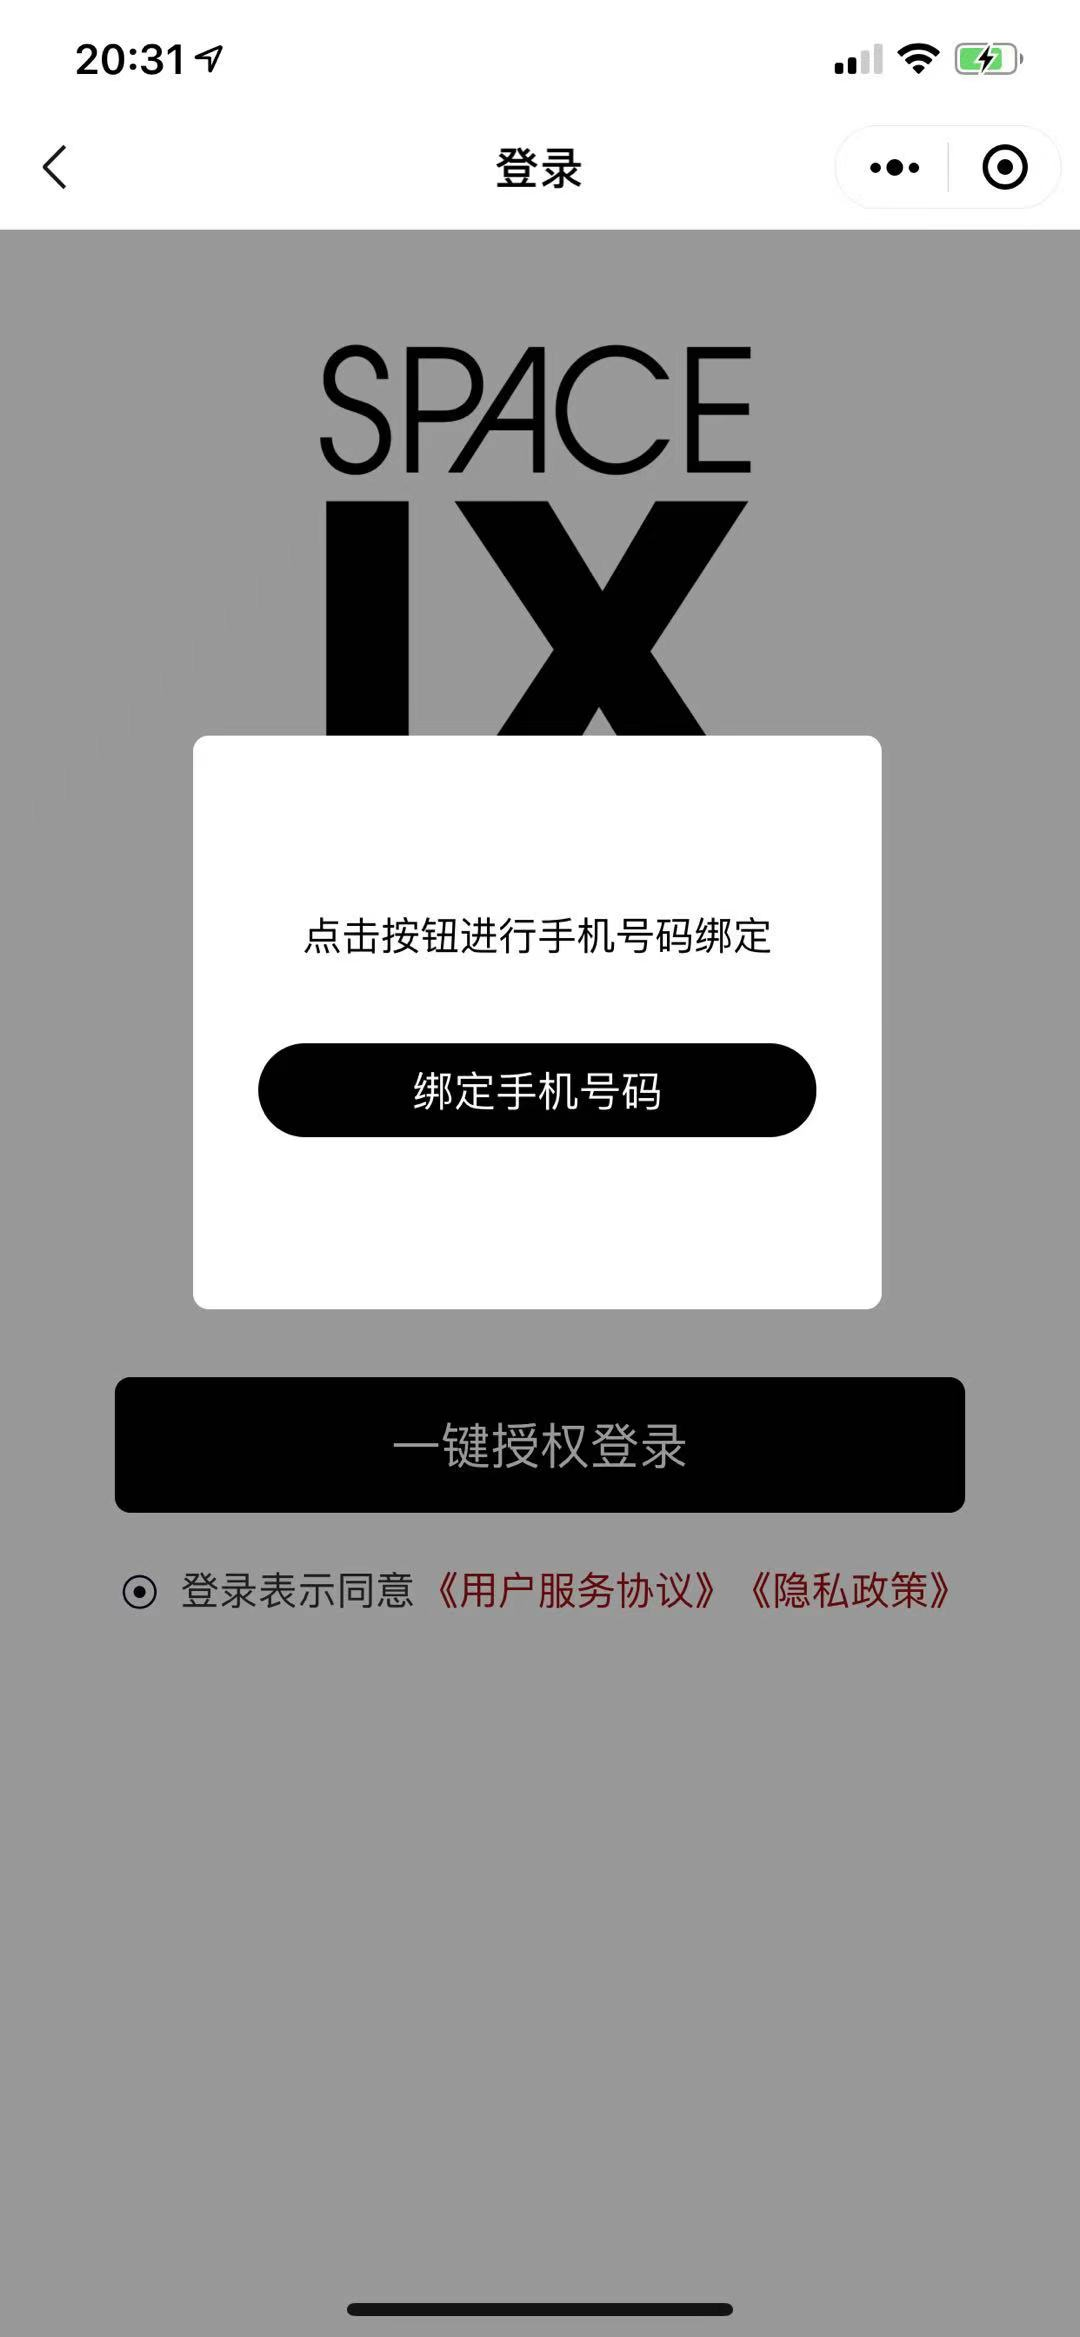 微信限制ip投票活动如何增加投票